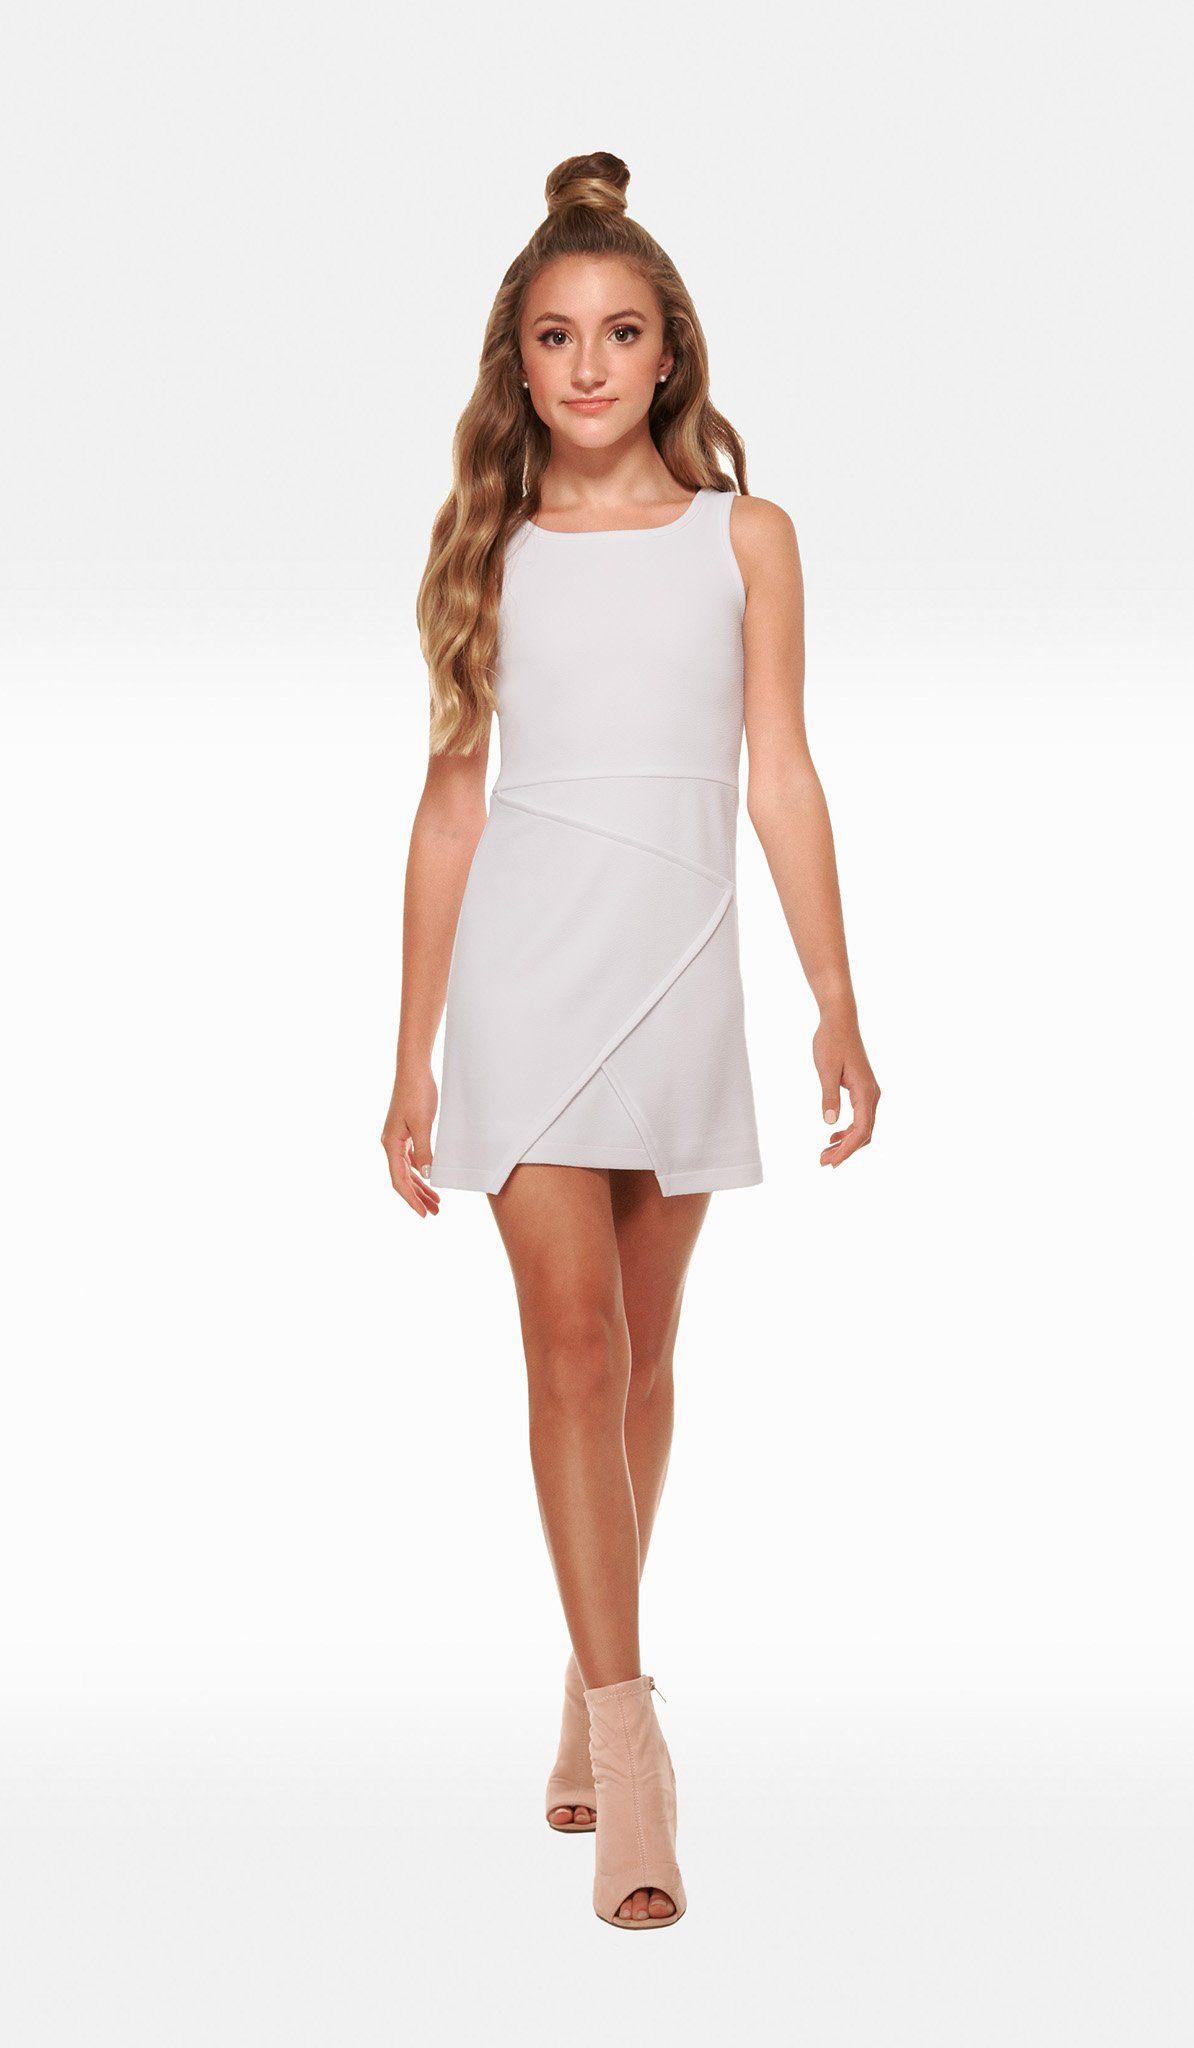 Sally Miller Tweens - Dresses  Event & Party Dresses for Tween